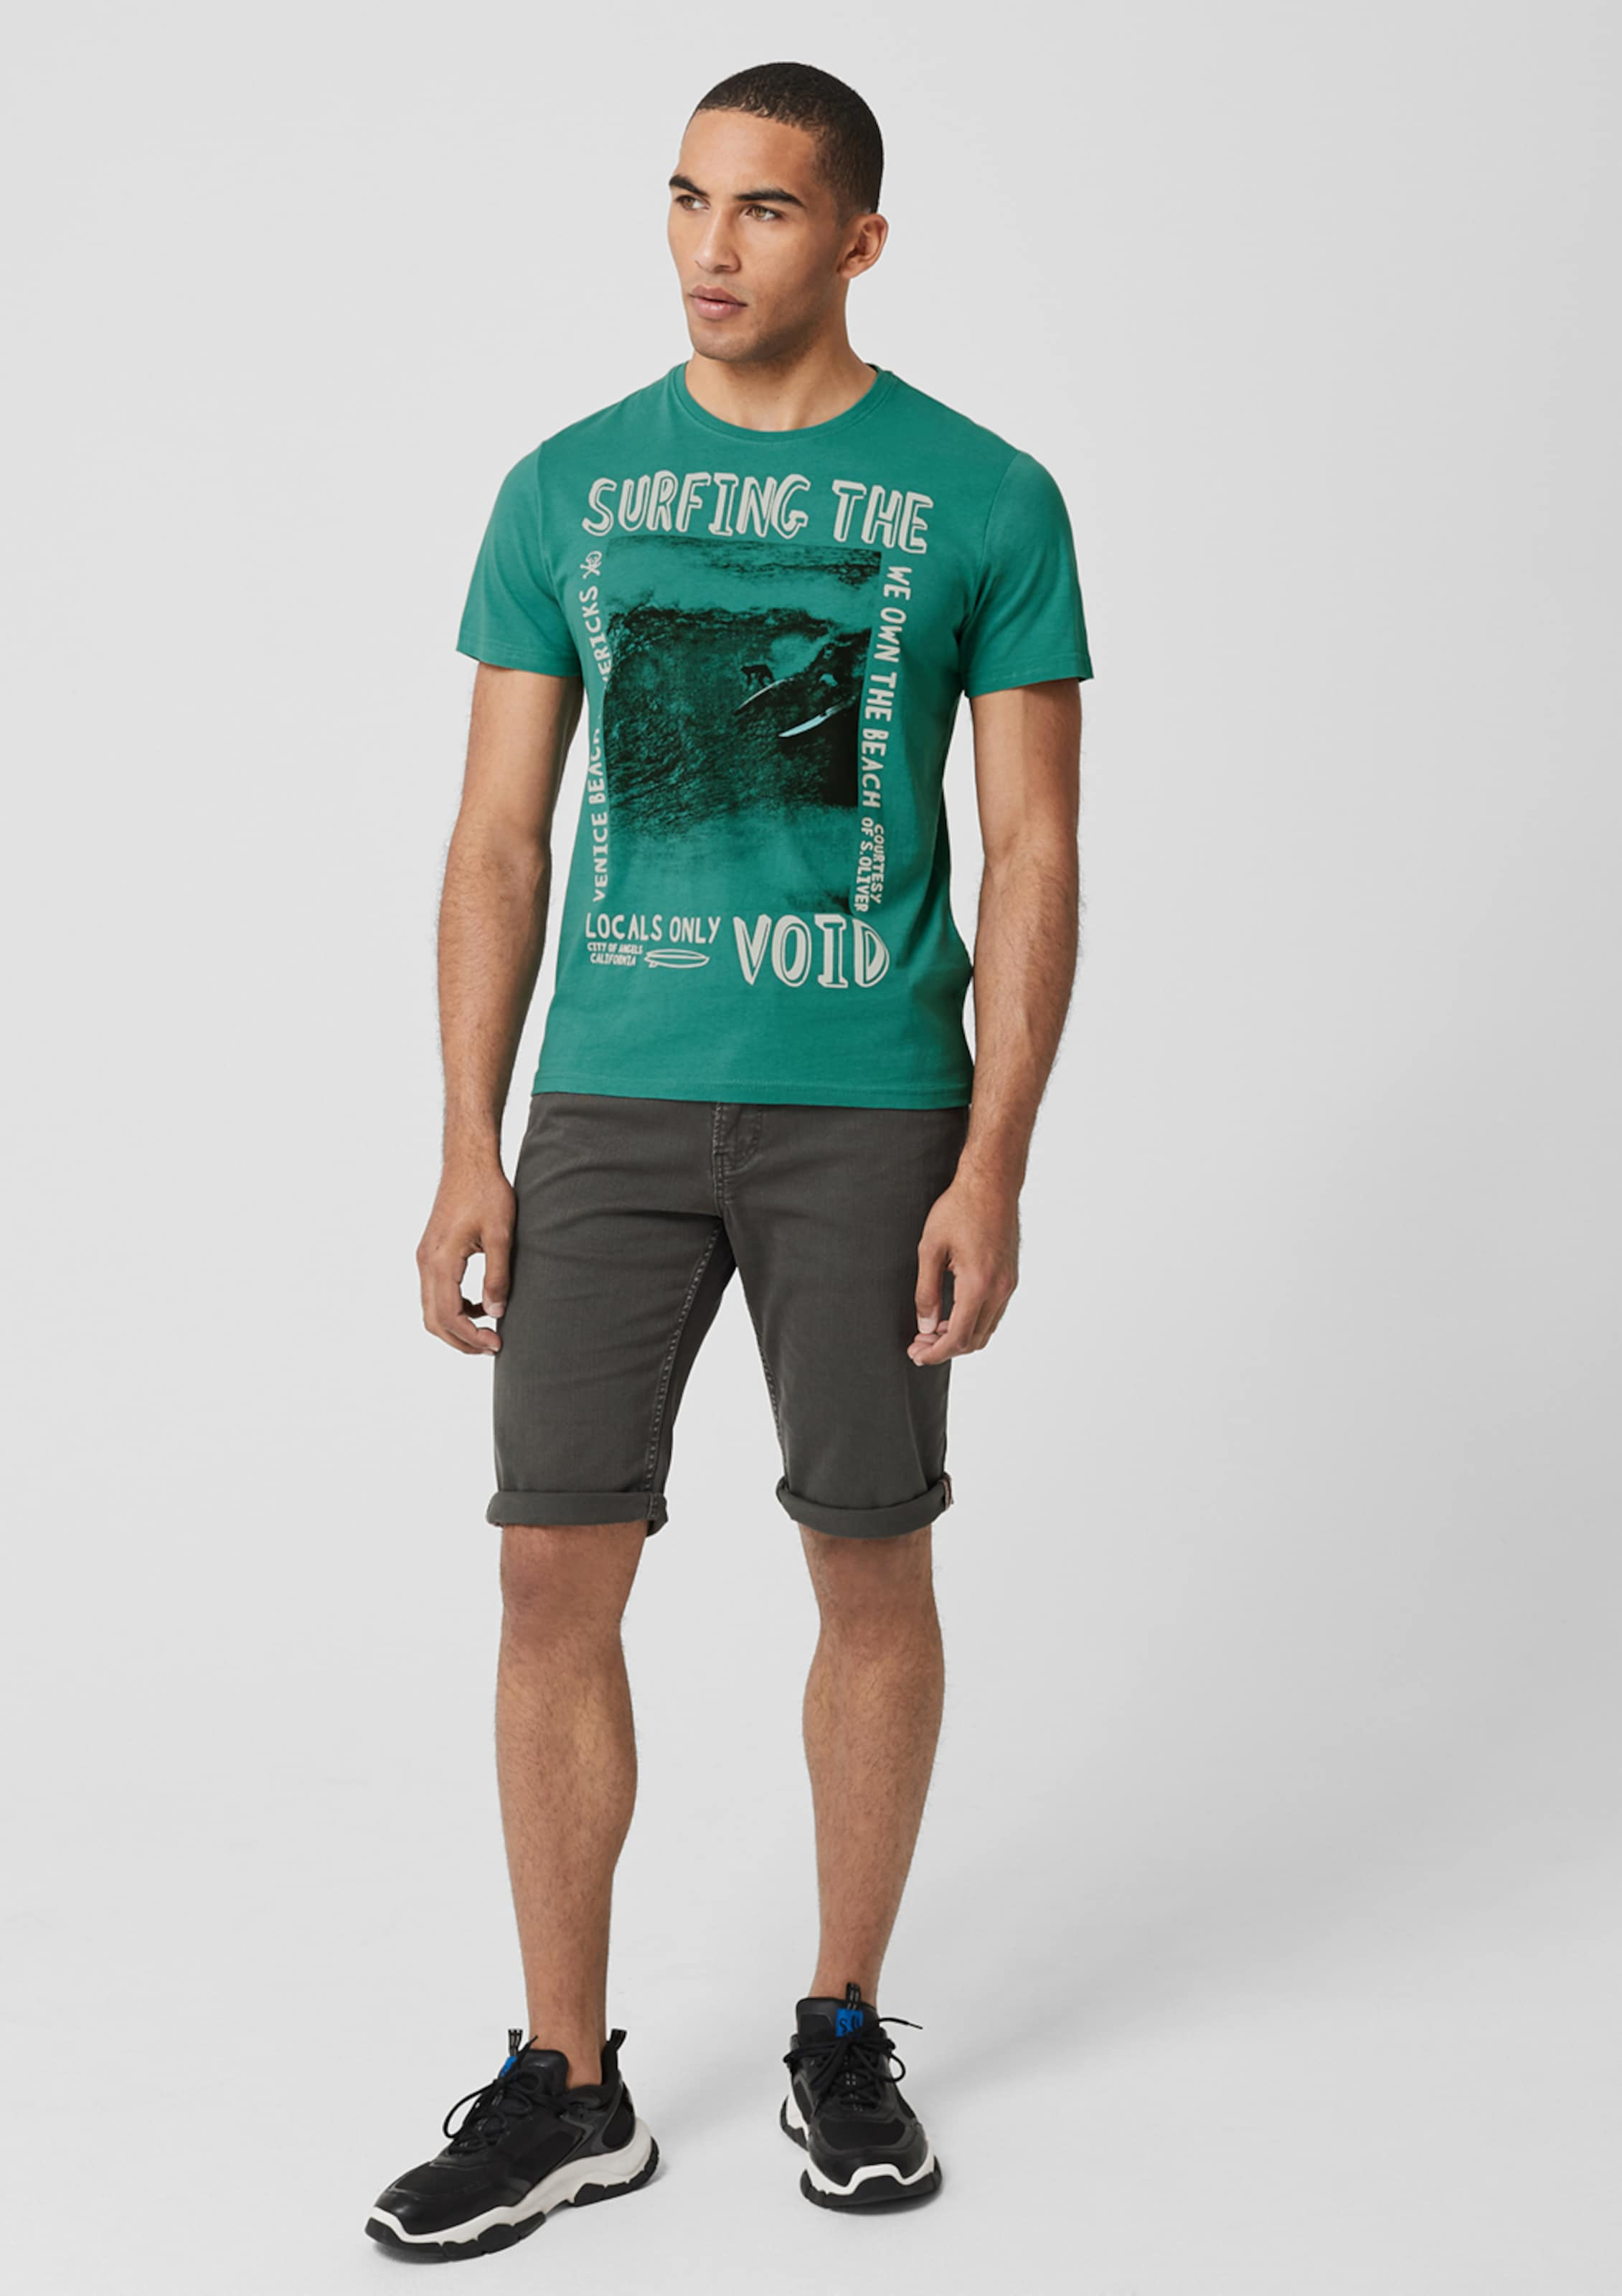 T In oliver shirt PastellblauSchwarz Weiß Label S Red wOv0mN8n